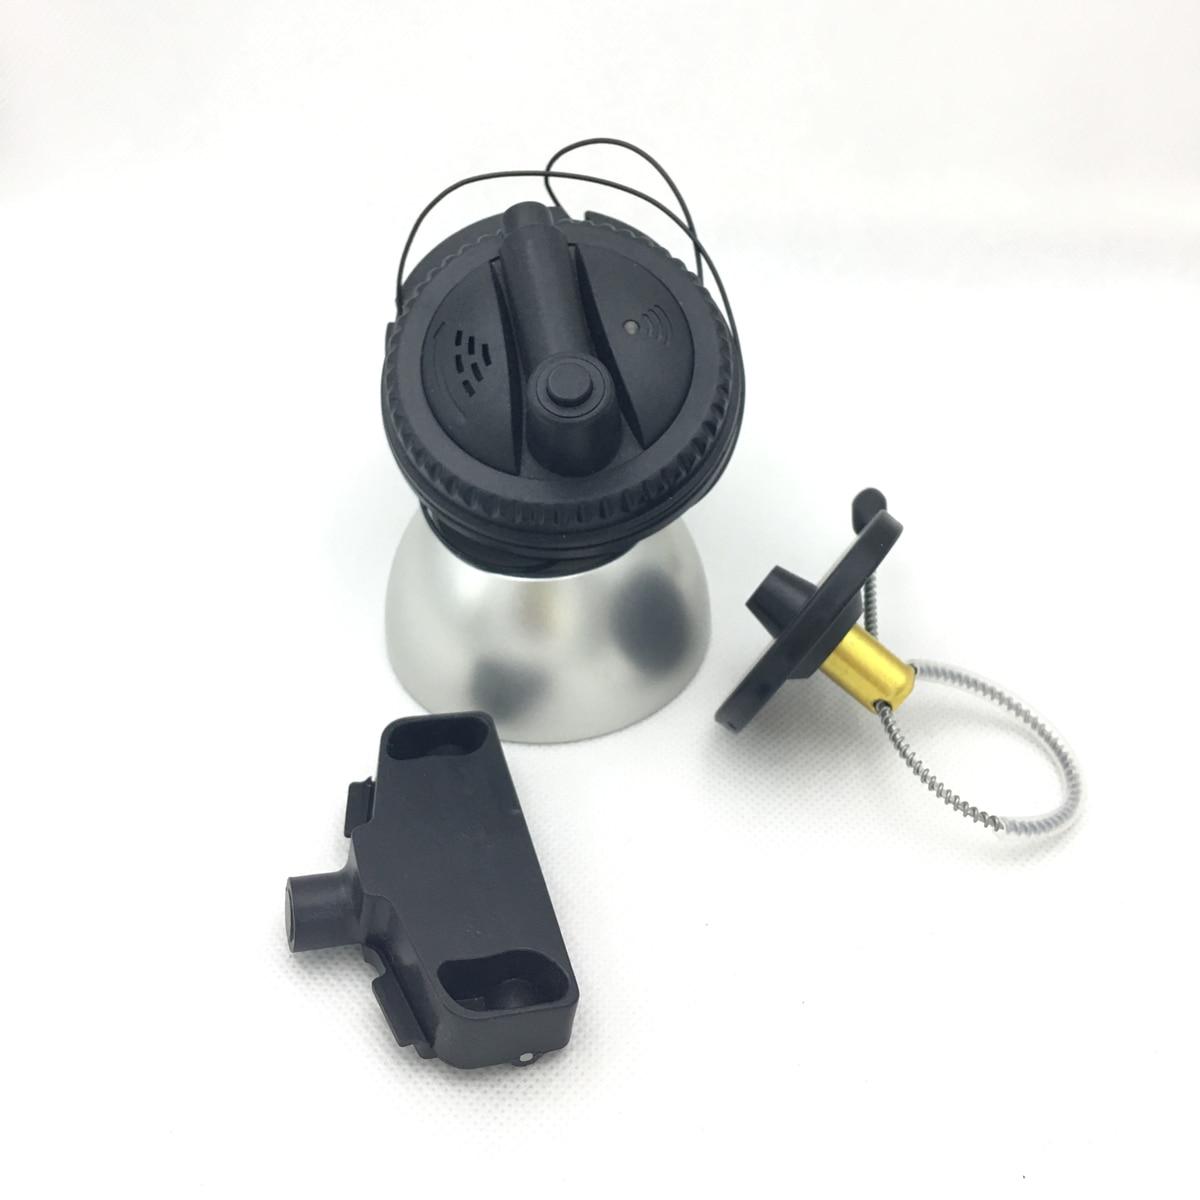 detacher etiketë golfi lehtësues 13000GS tag magnetik univerzal - Siguria dhe mbrojtja - Foto 3